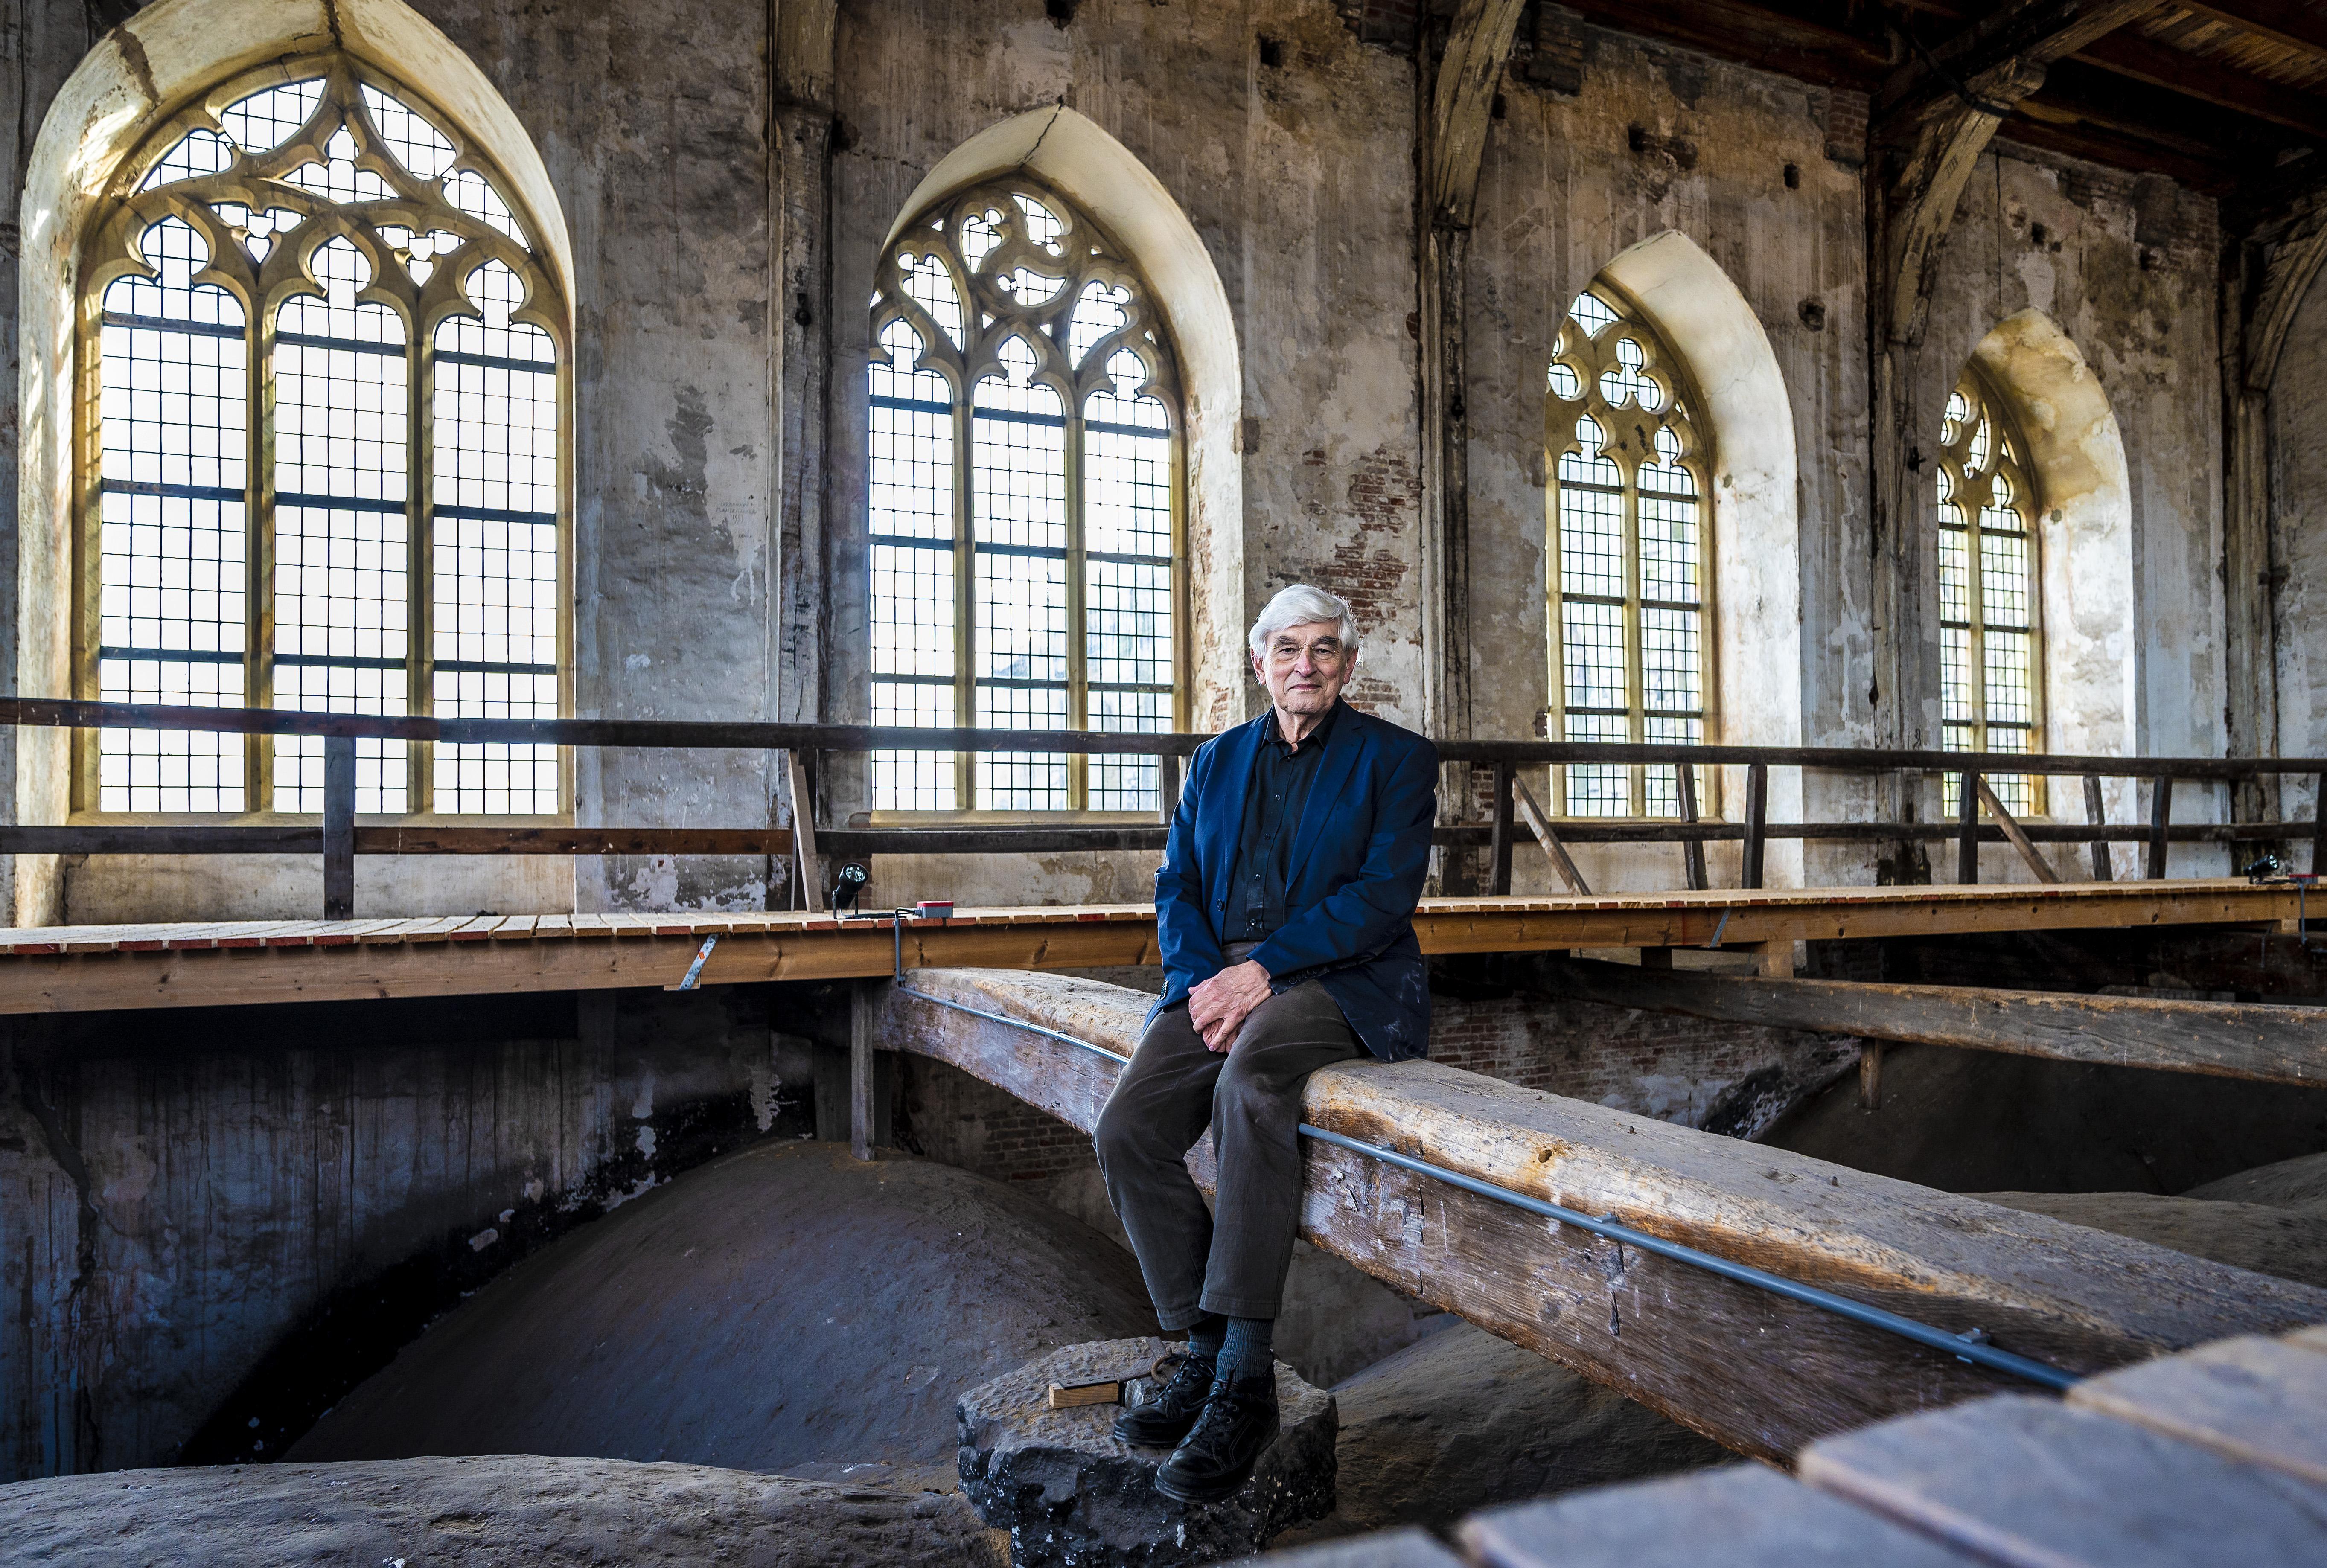 Alleen in een roman valt uit te leggen hoe de Haarlemse Grote of St.-Bavokerk nou eigenlijk zijn toren kreeg